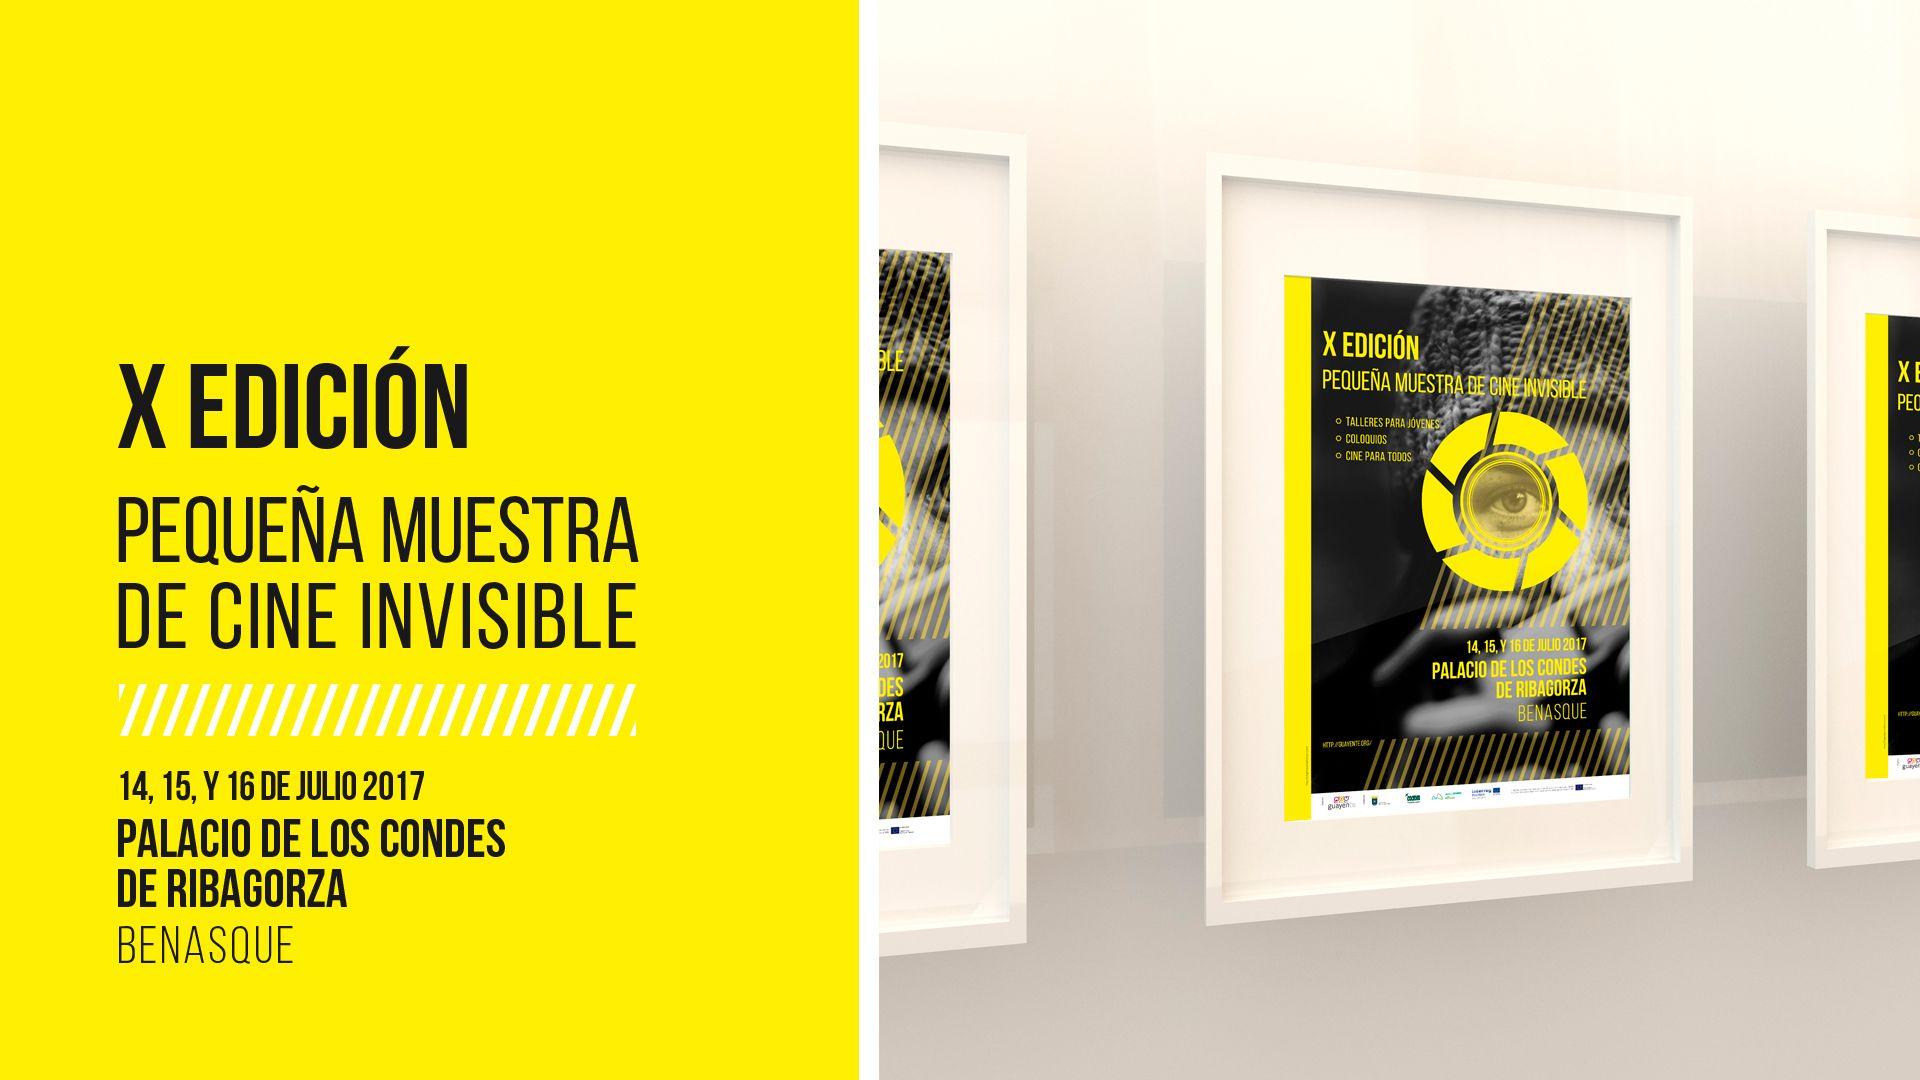 Cartelería de la XI Edición de la muestra de cine invisible